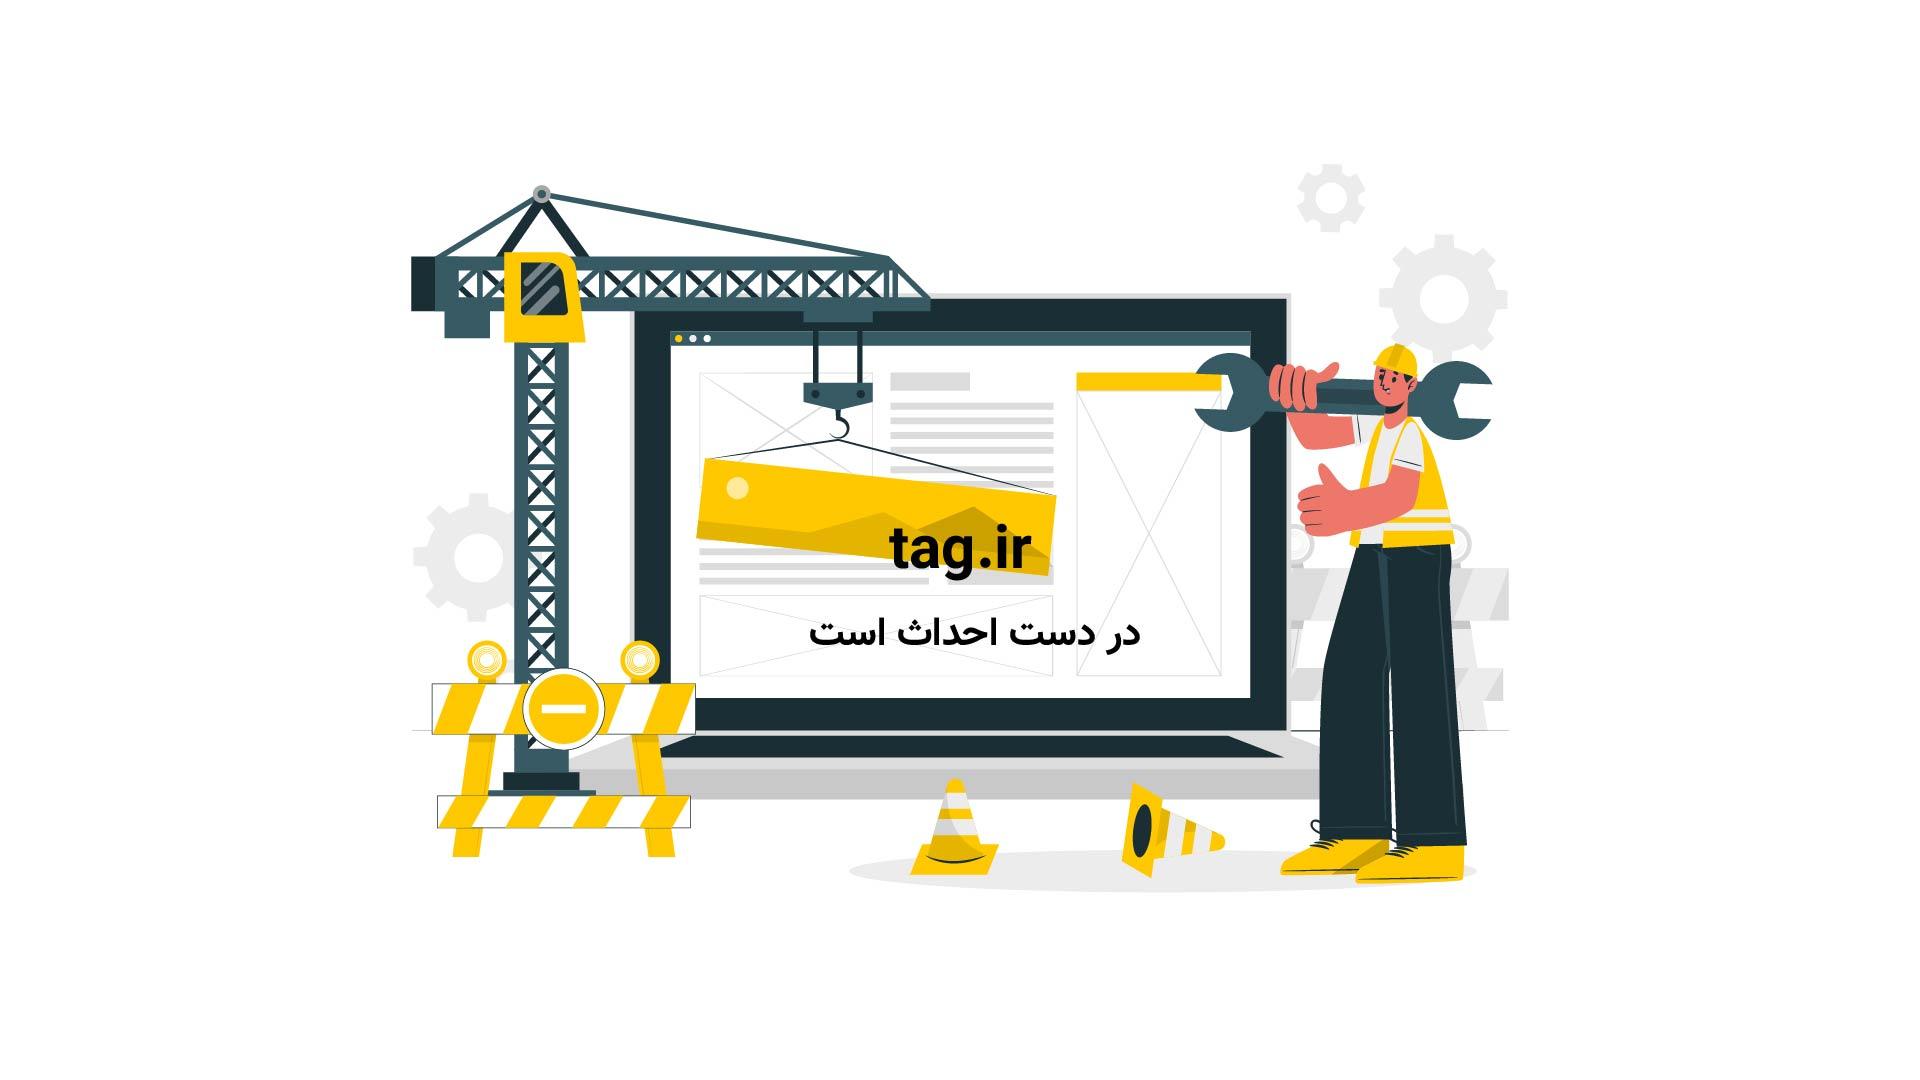 تایم لپس زیبا از مسجد نصیرالملک شیراز | فیلم